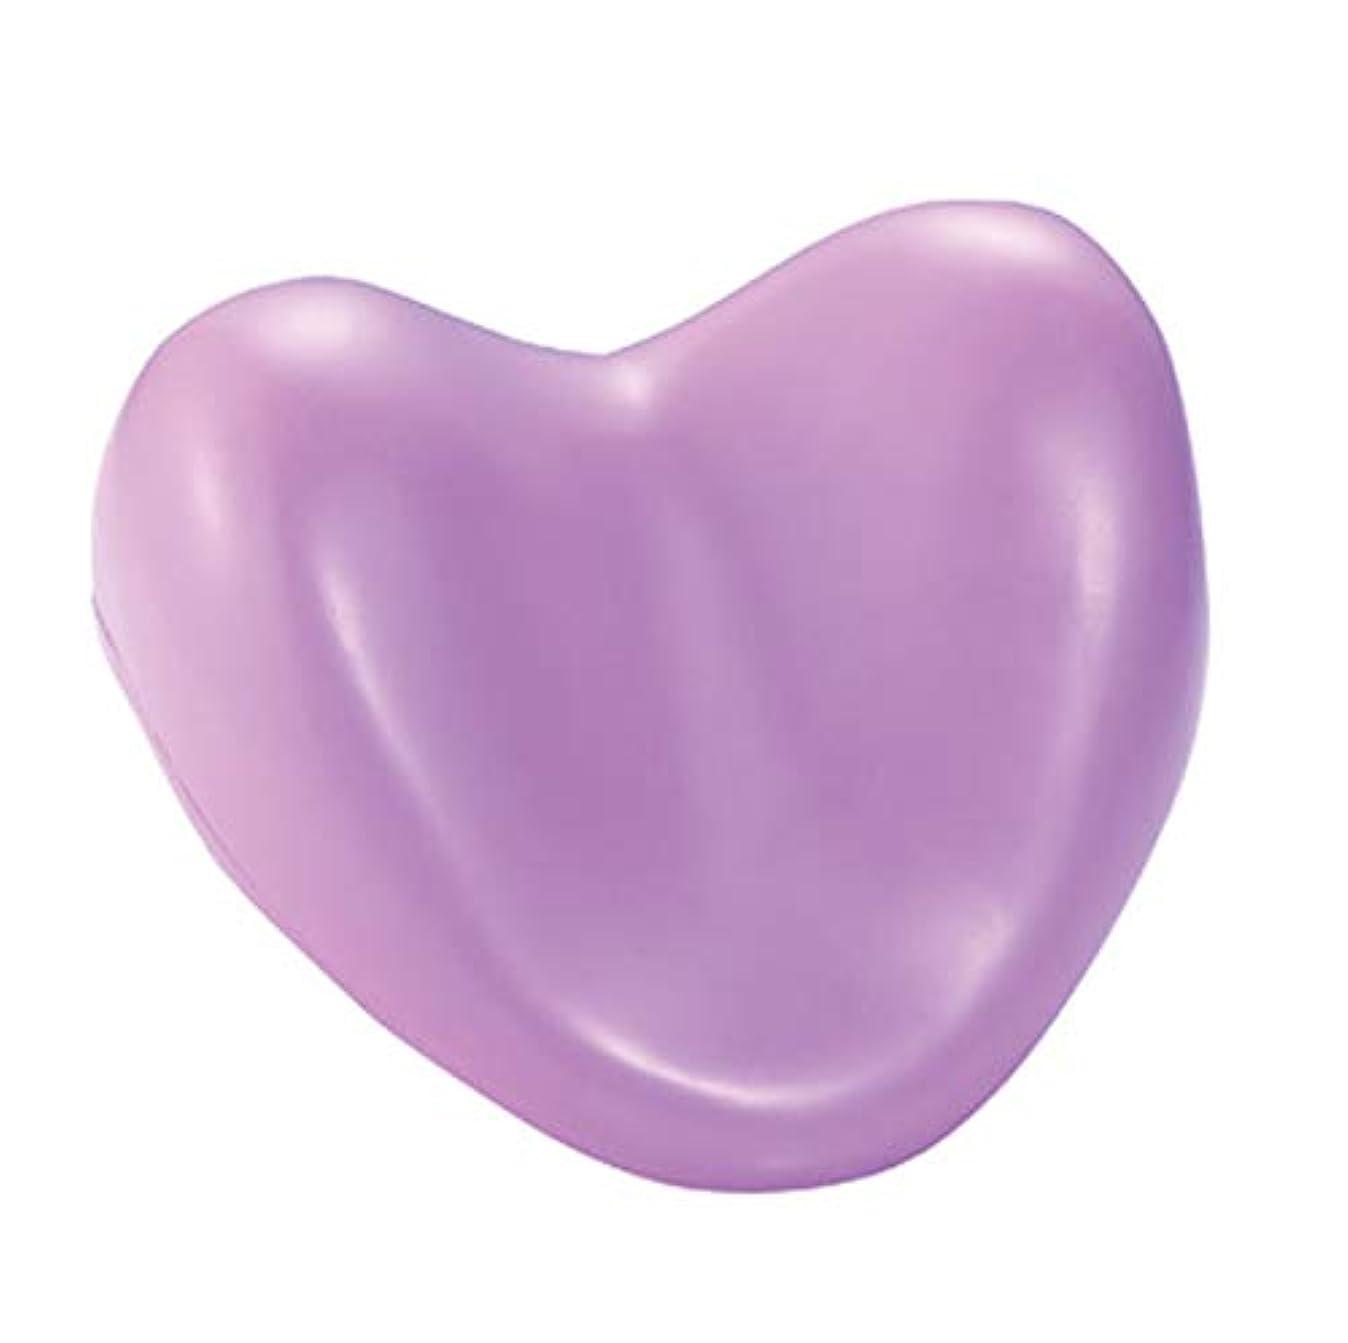 近代化だらしないエイズサクションカップ付きウェルネスバスピローハート型PUフォームサポート枕温水浴槽とスパ浴槽,Purple